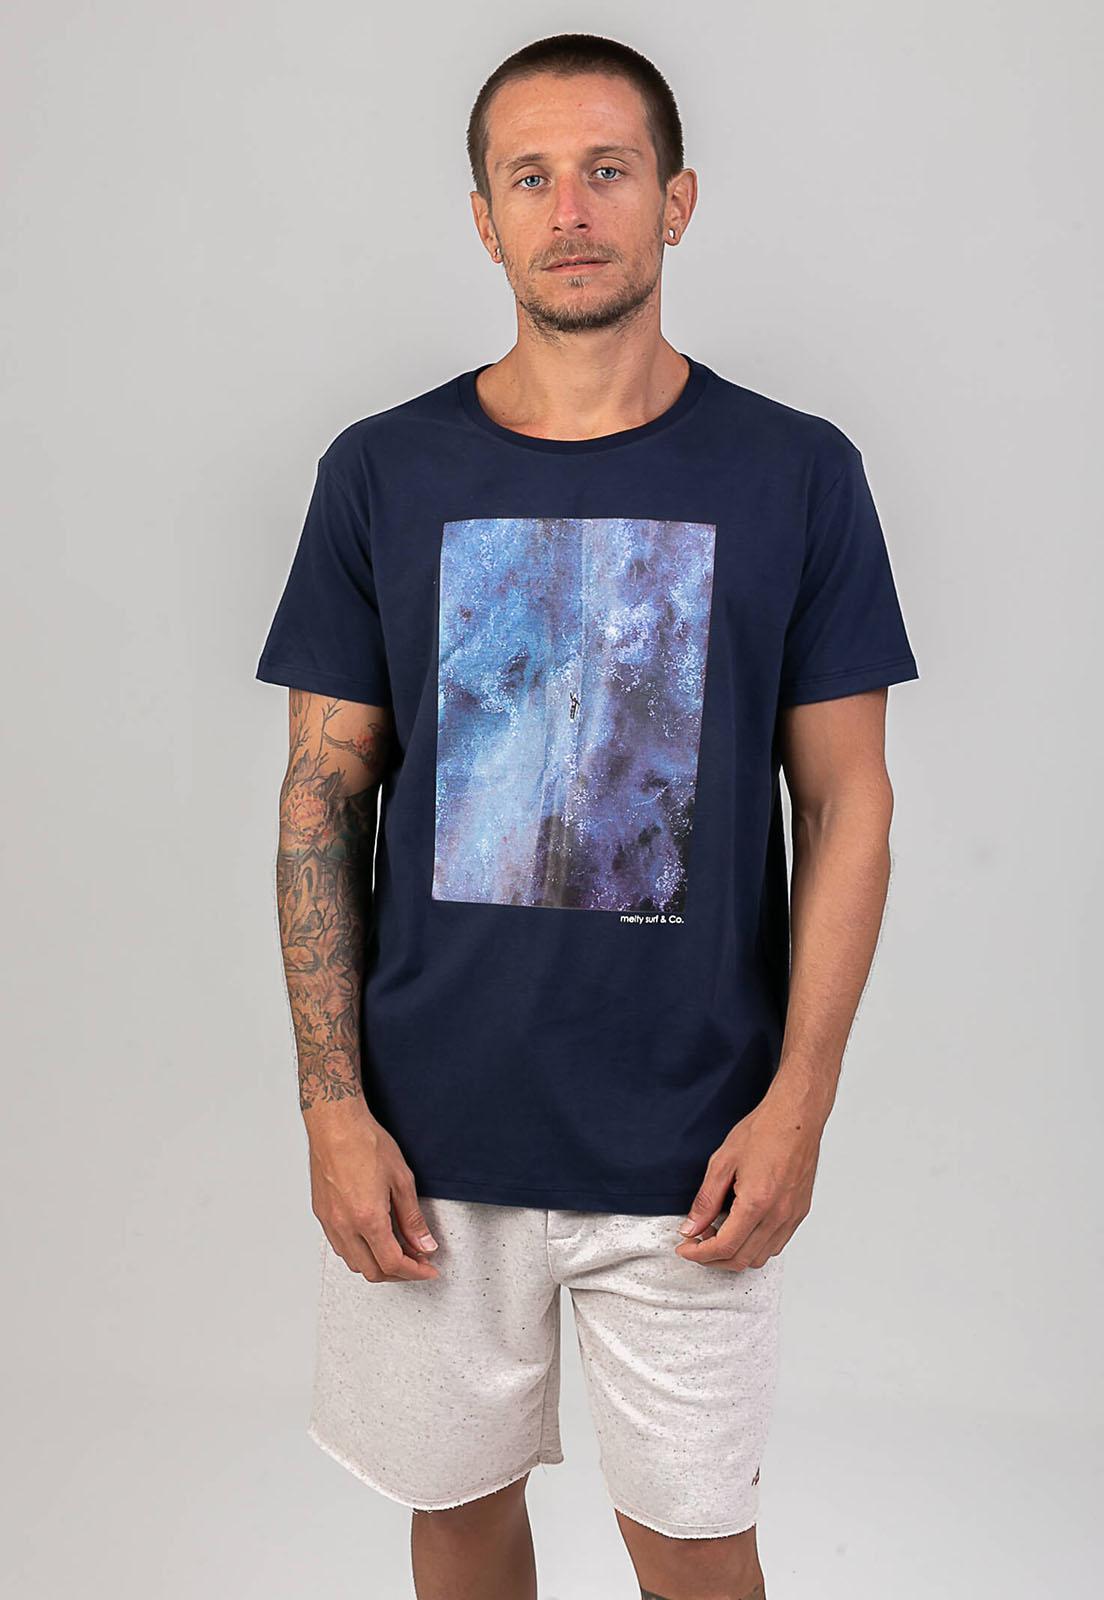 T-shirt Arrebentação marinho melty